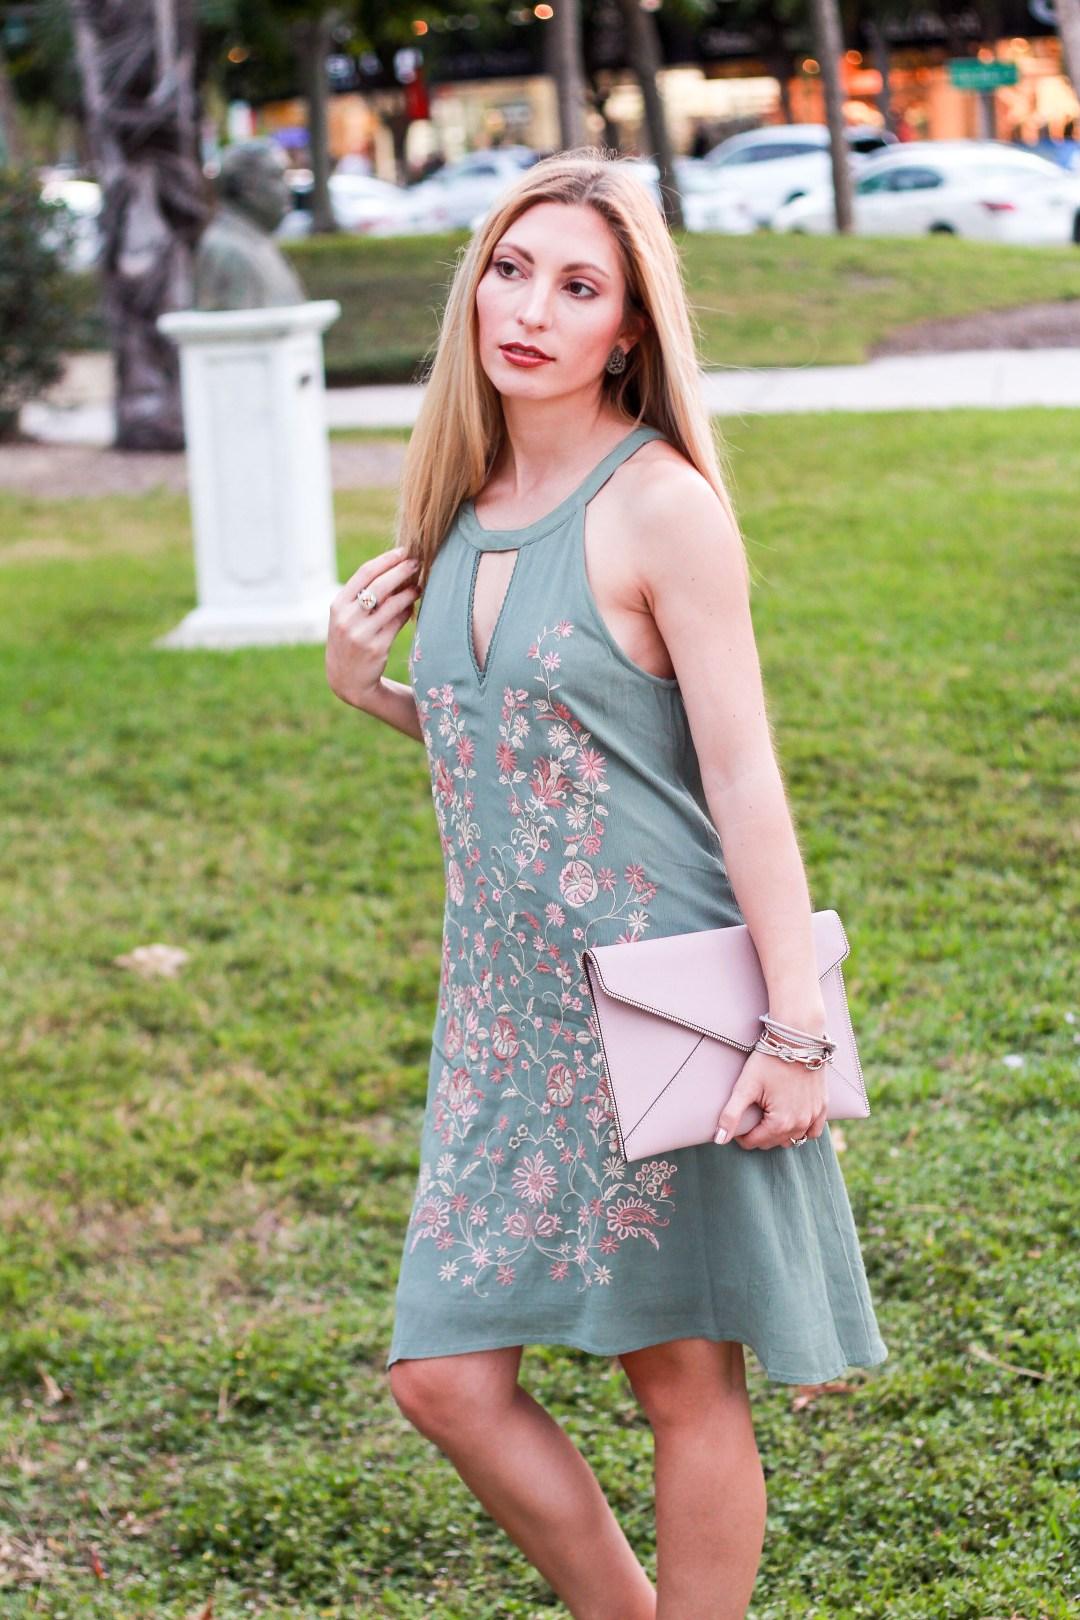 GREEN FLORAL DRESS + ST. ARMAND'S SIESTA KEY